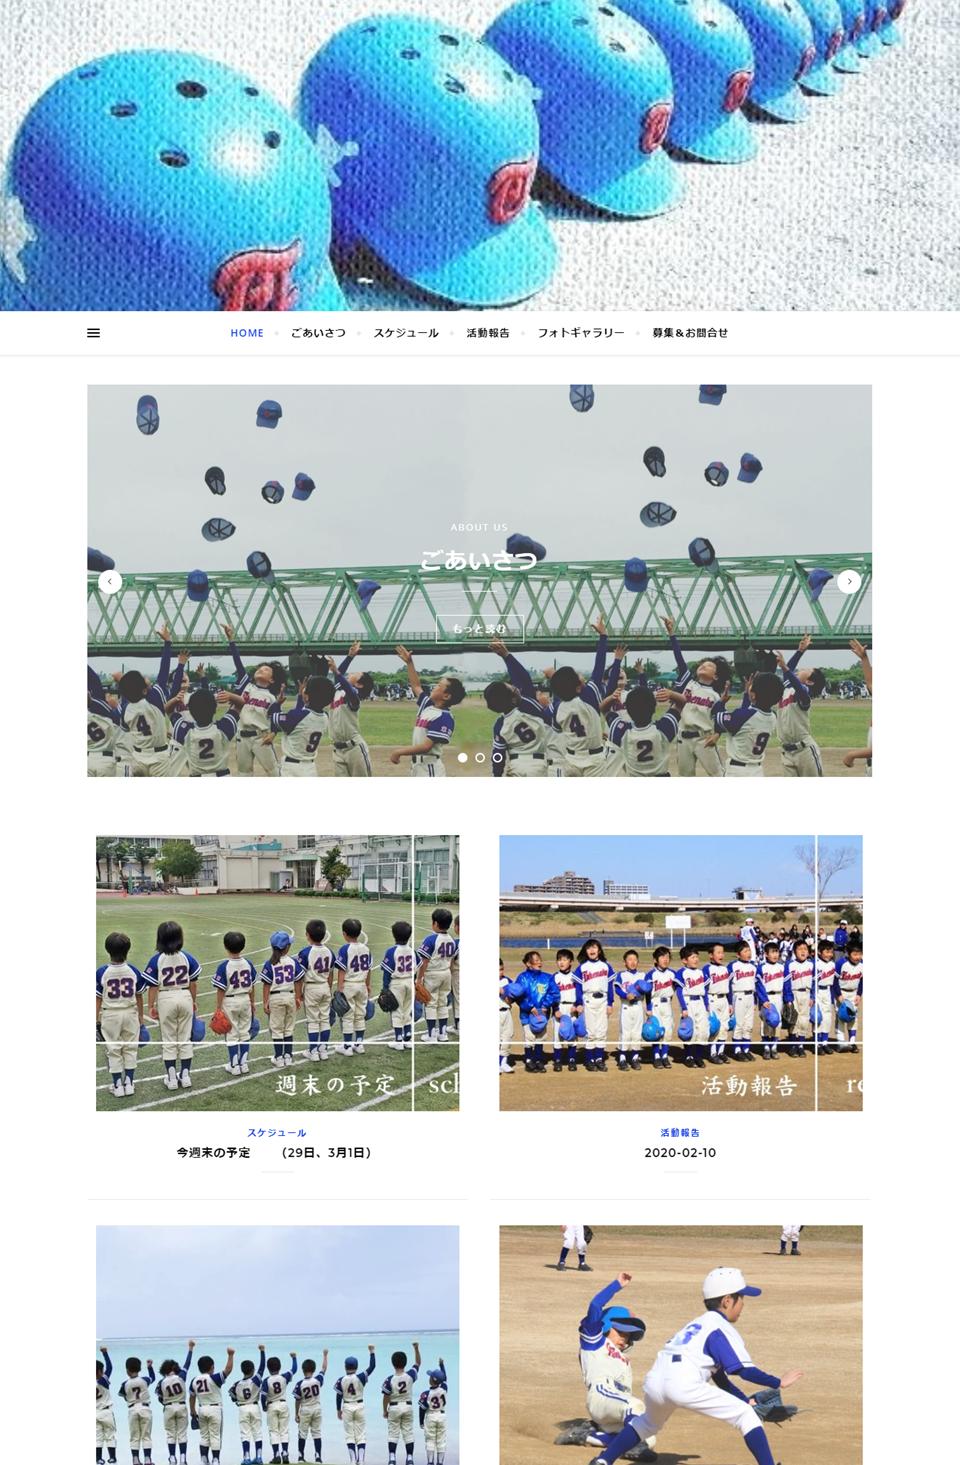 チーム公式ウェブサイト